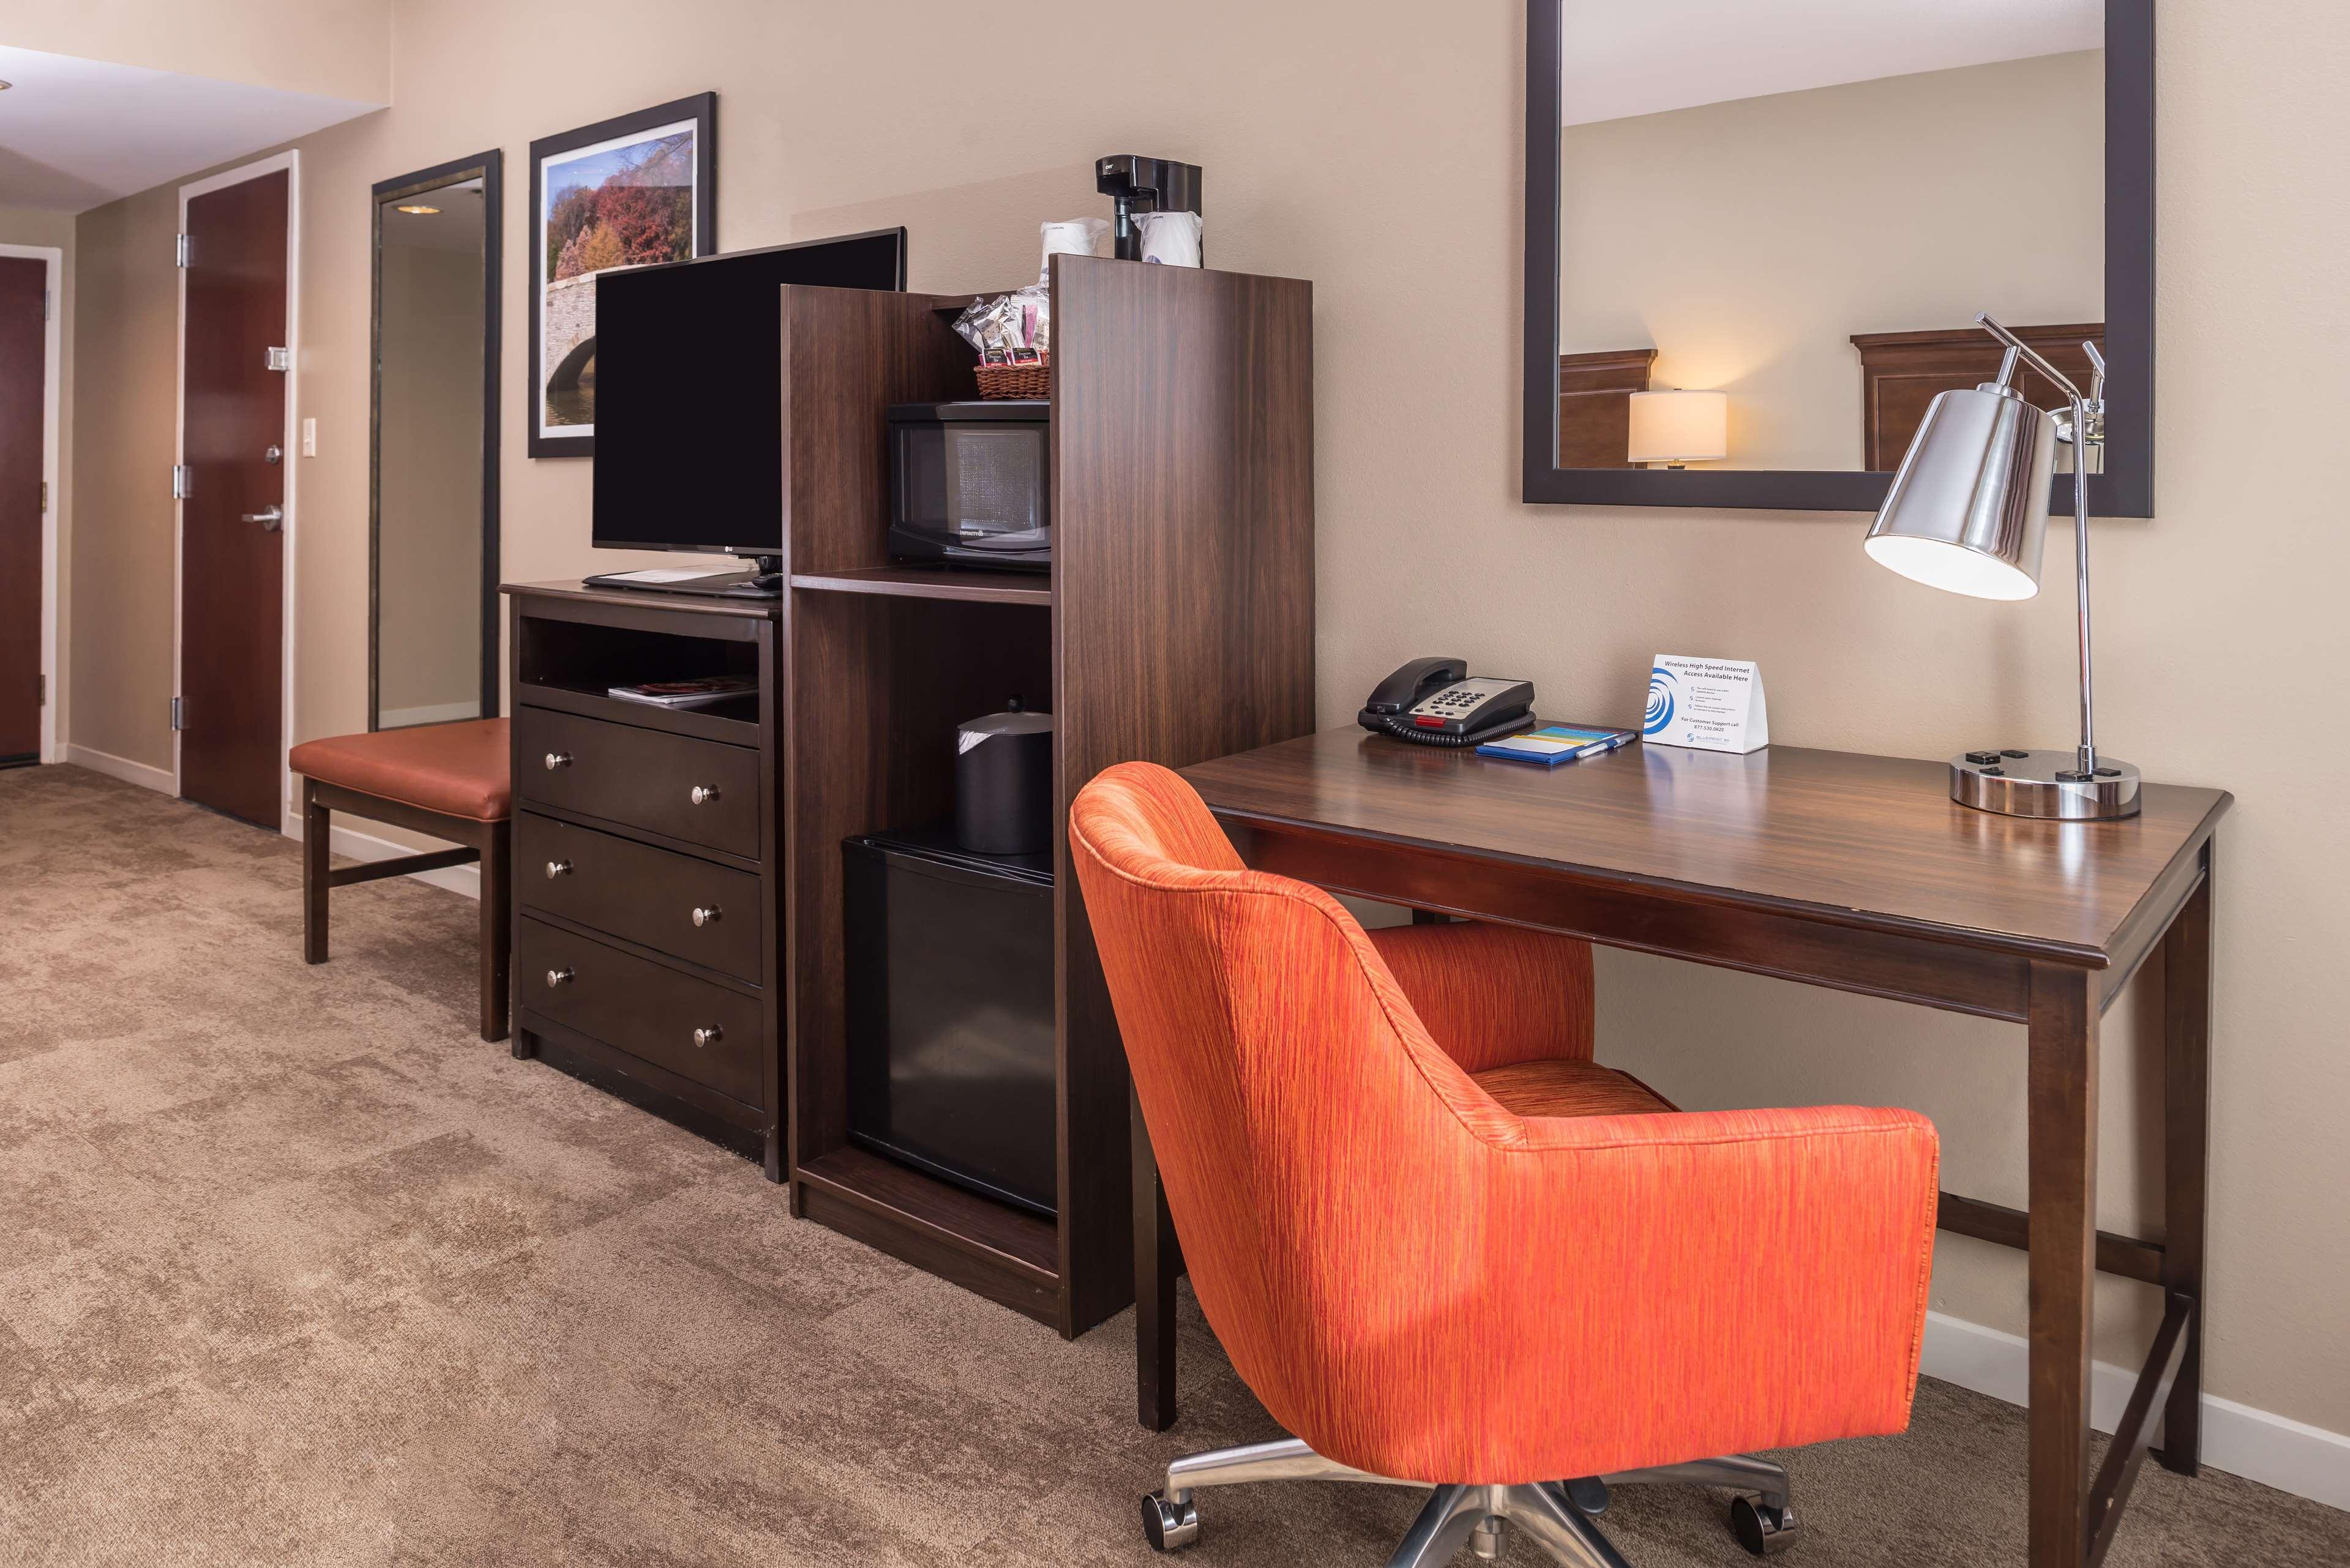 Hampton Inn & Suites Charlotte-Arrowood Rd. image 22